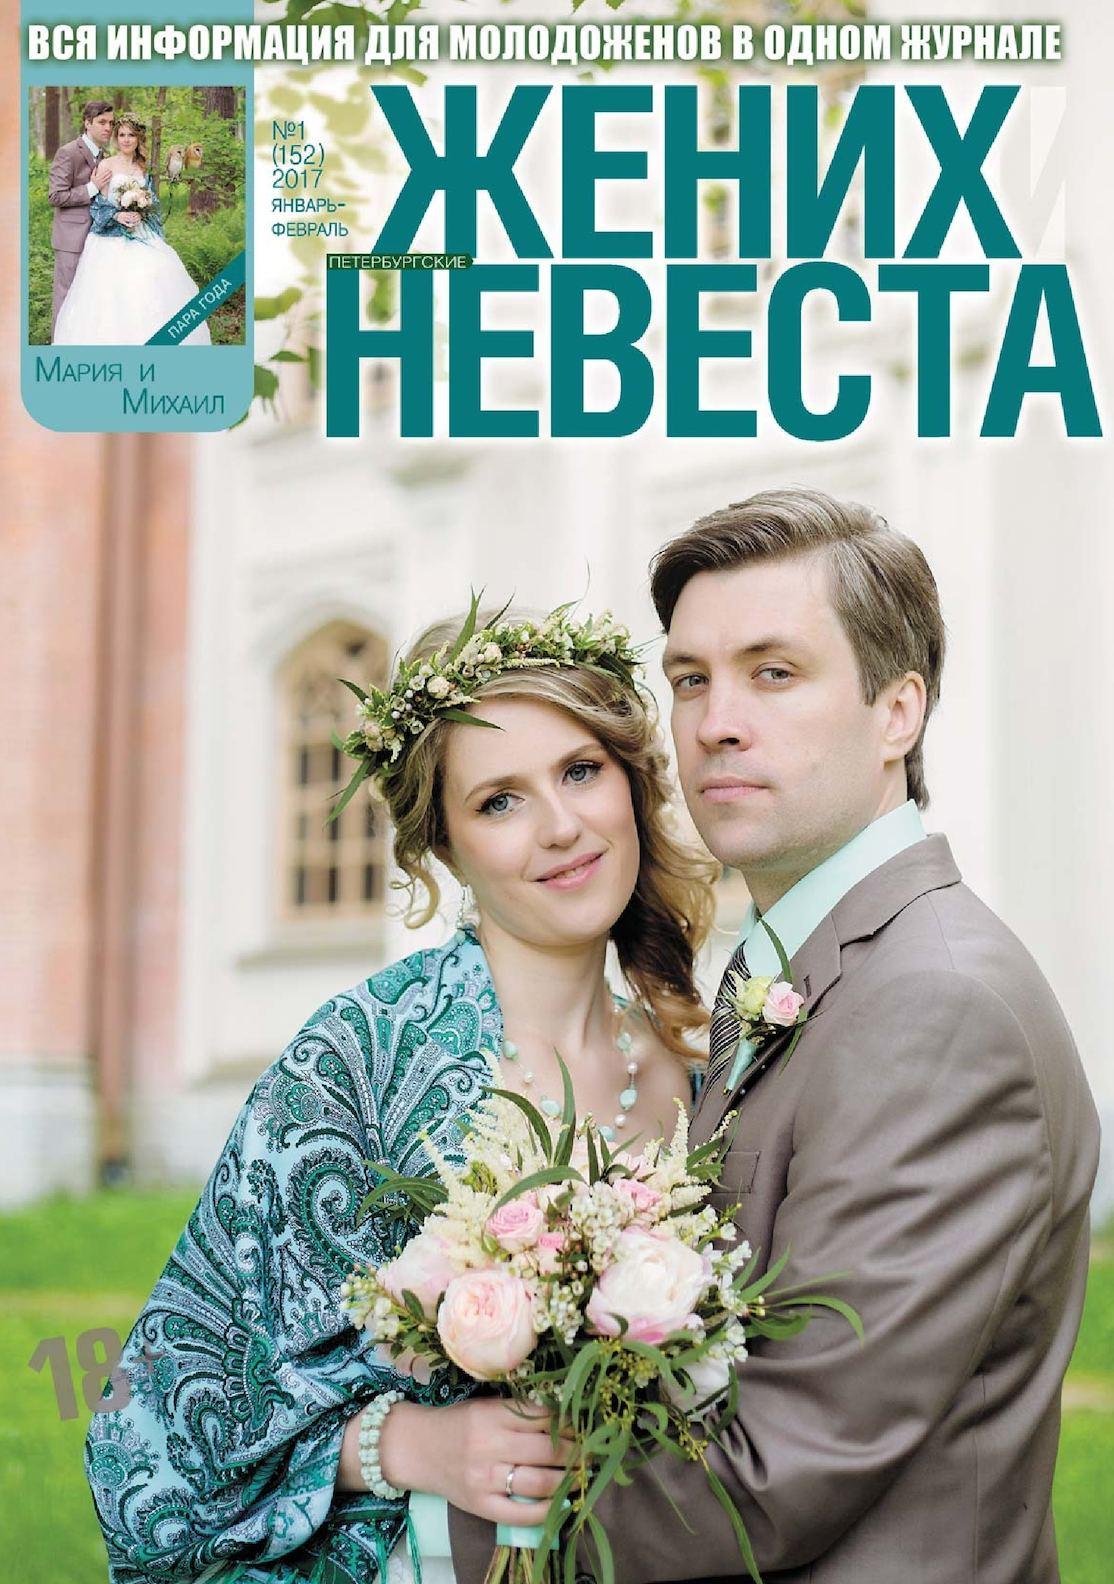 Свадебные приметы  свадебный портал Жених и Невеста